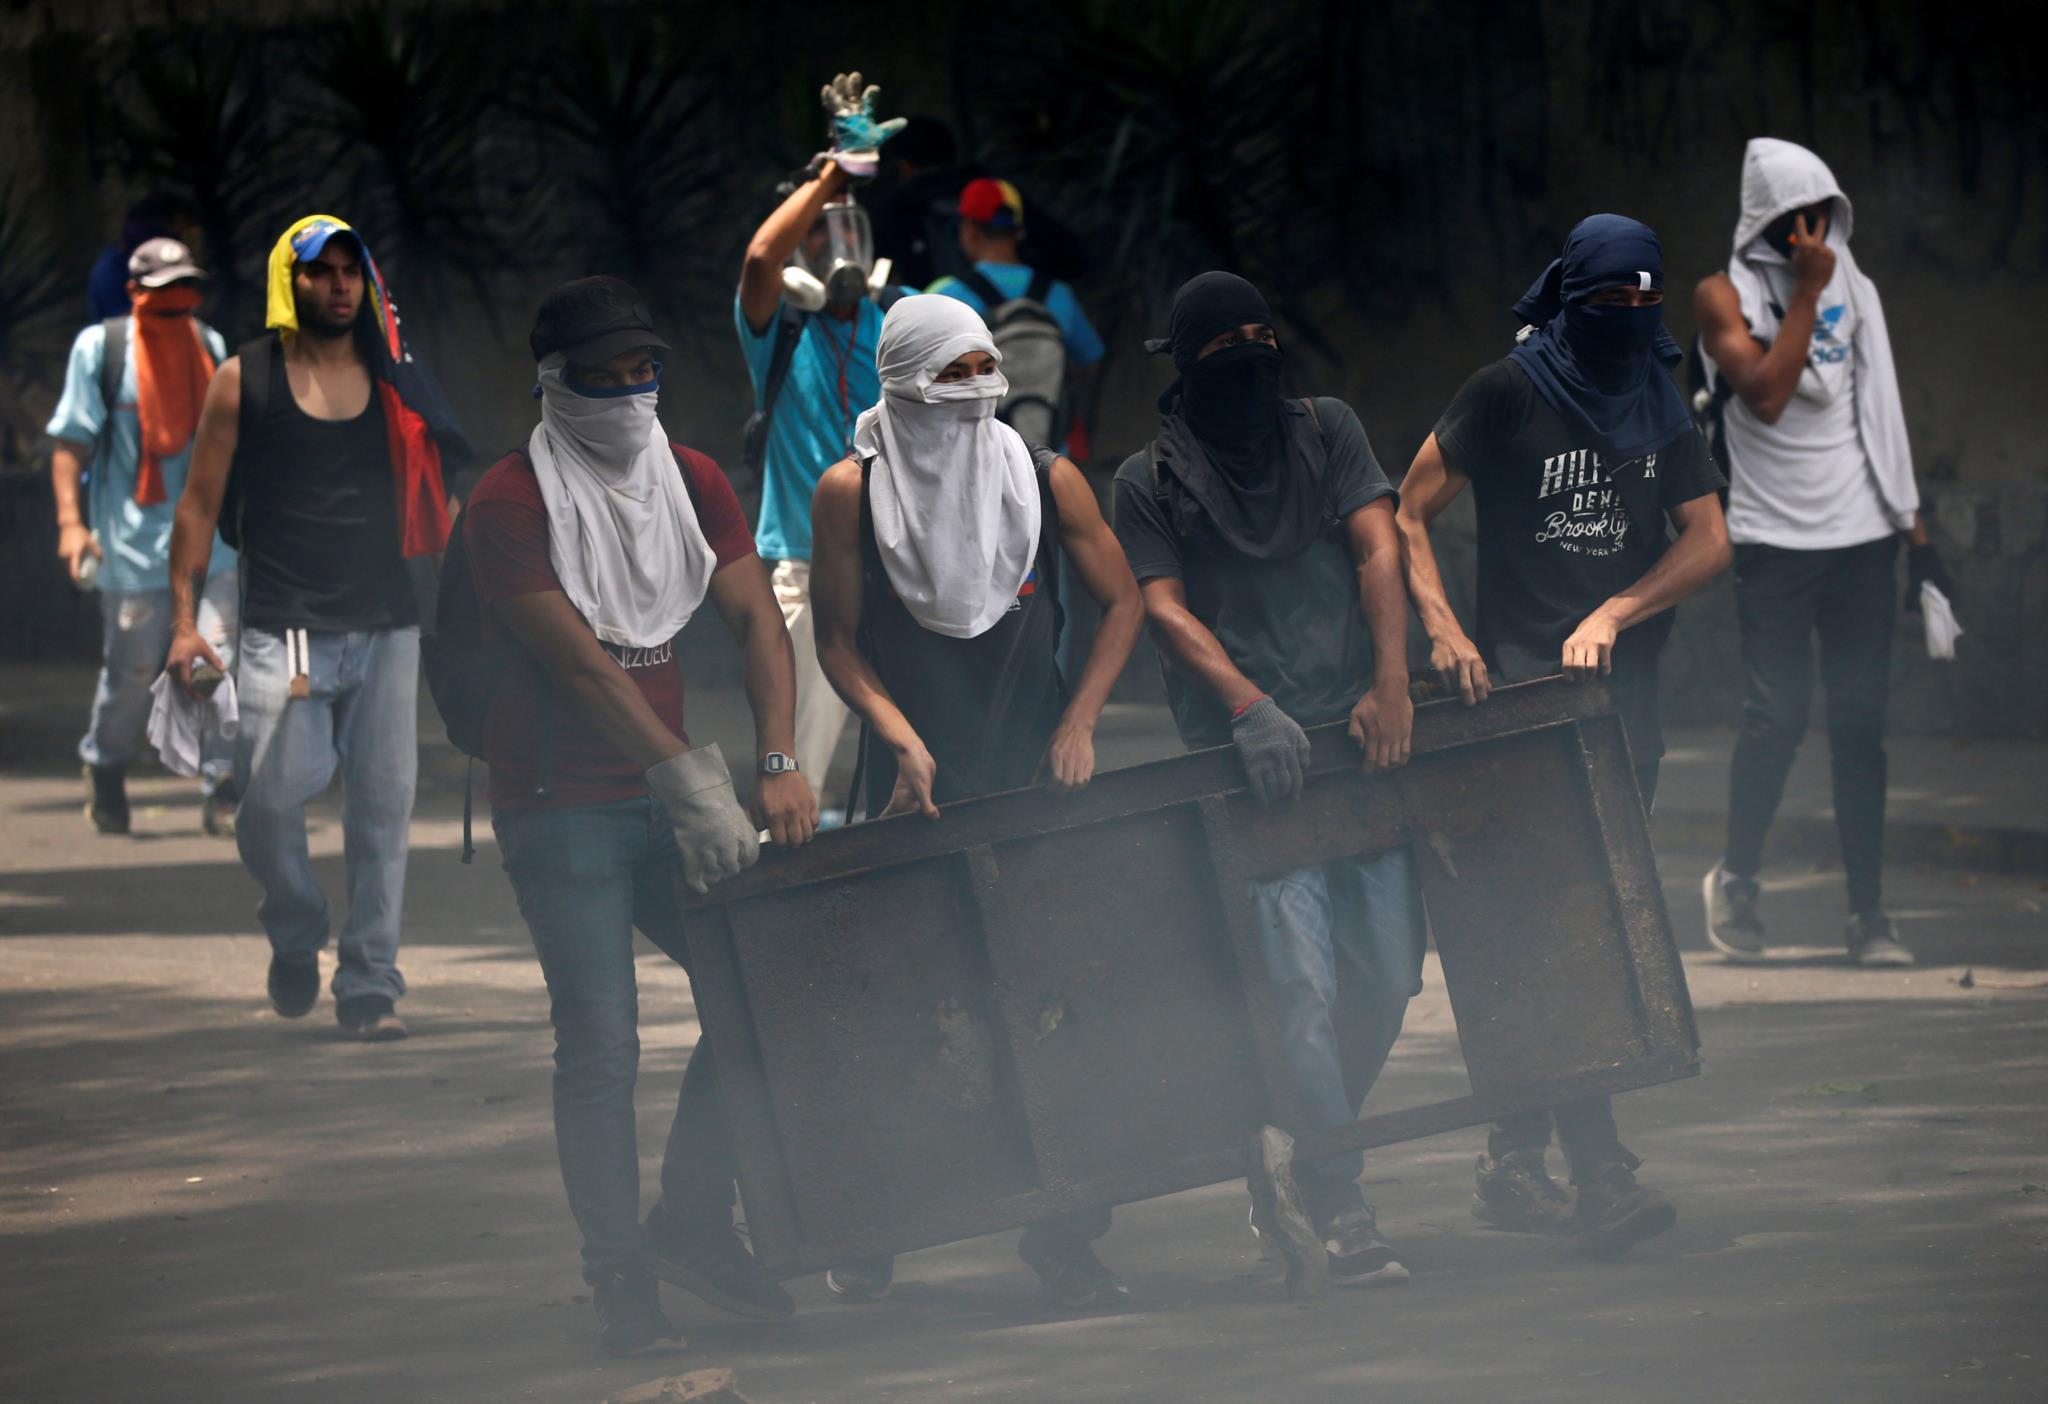 Foram construídas barricadas pelos manifestantes